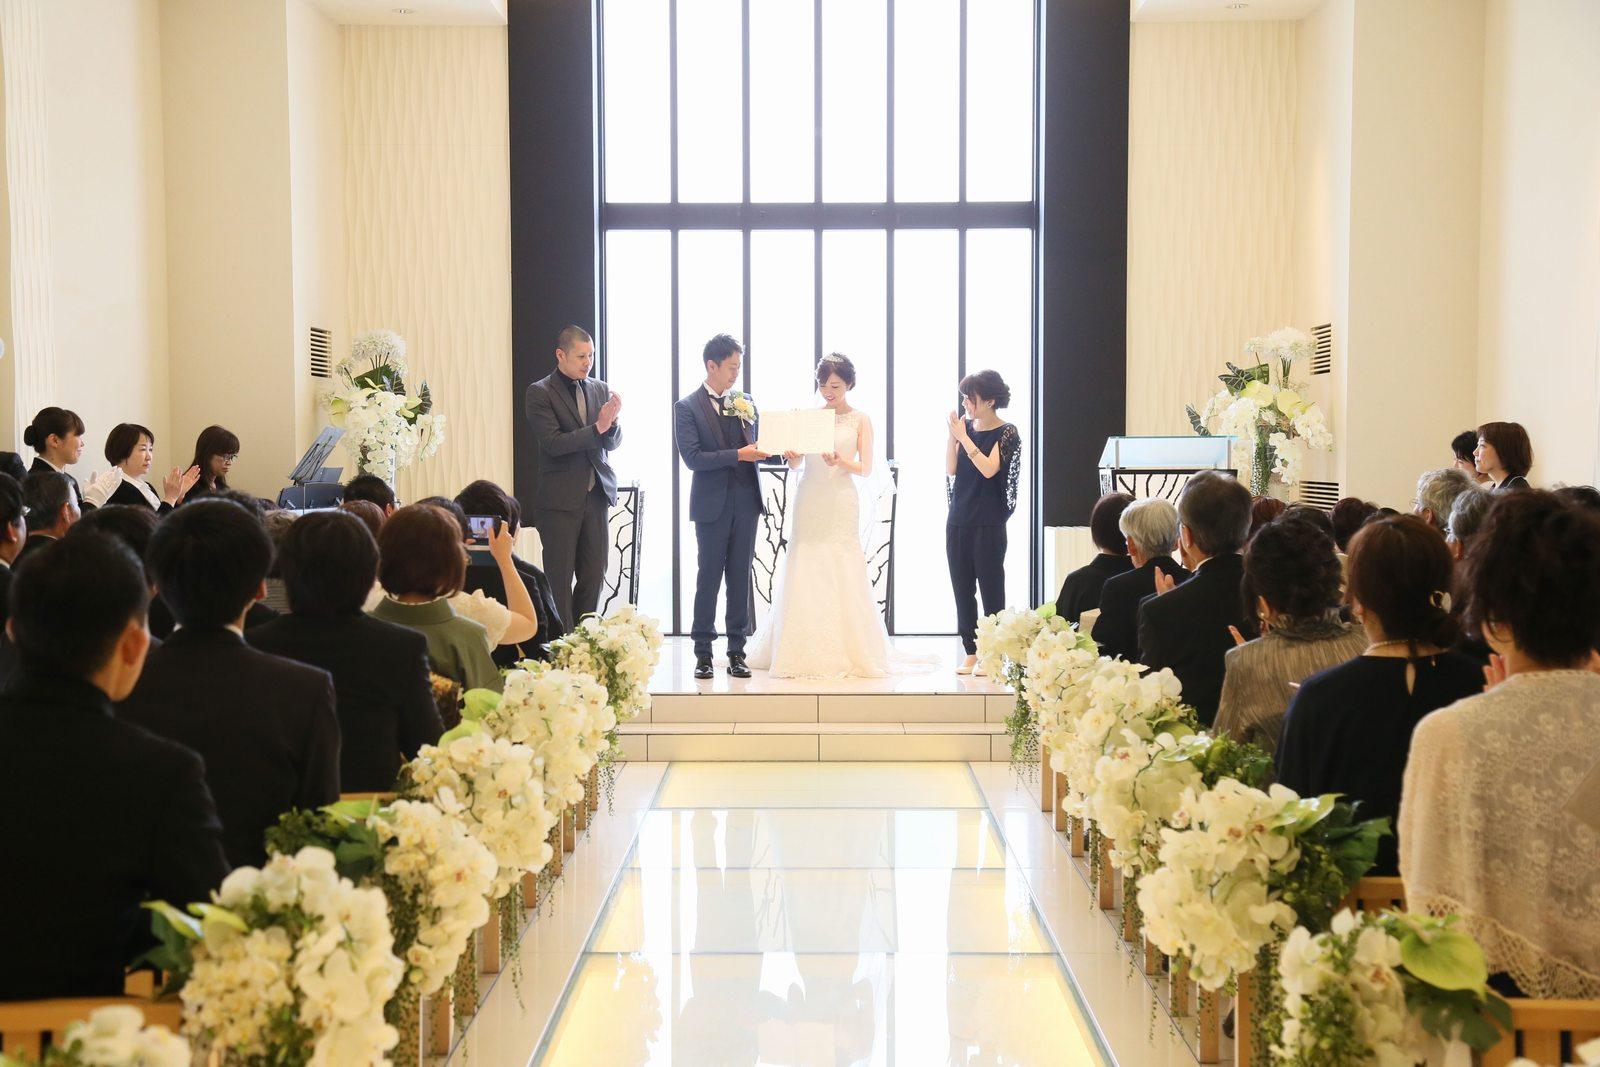 高松市の結婚式場アイルバレクラブの結婚式 今ここにお二人の結婚が皆様に承認されました